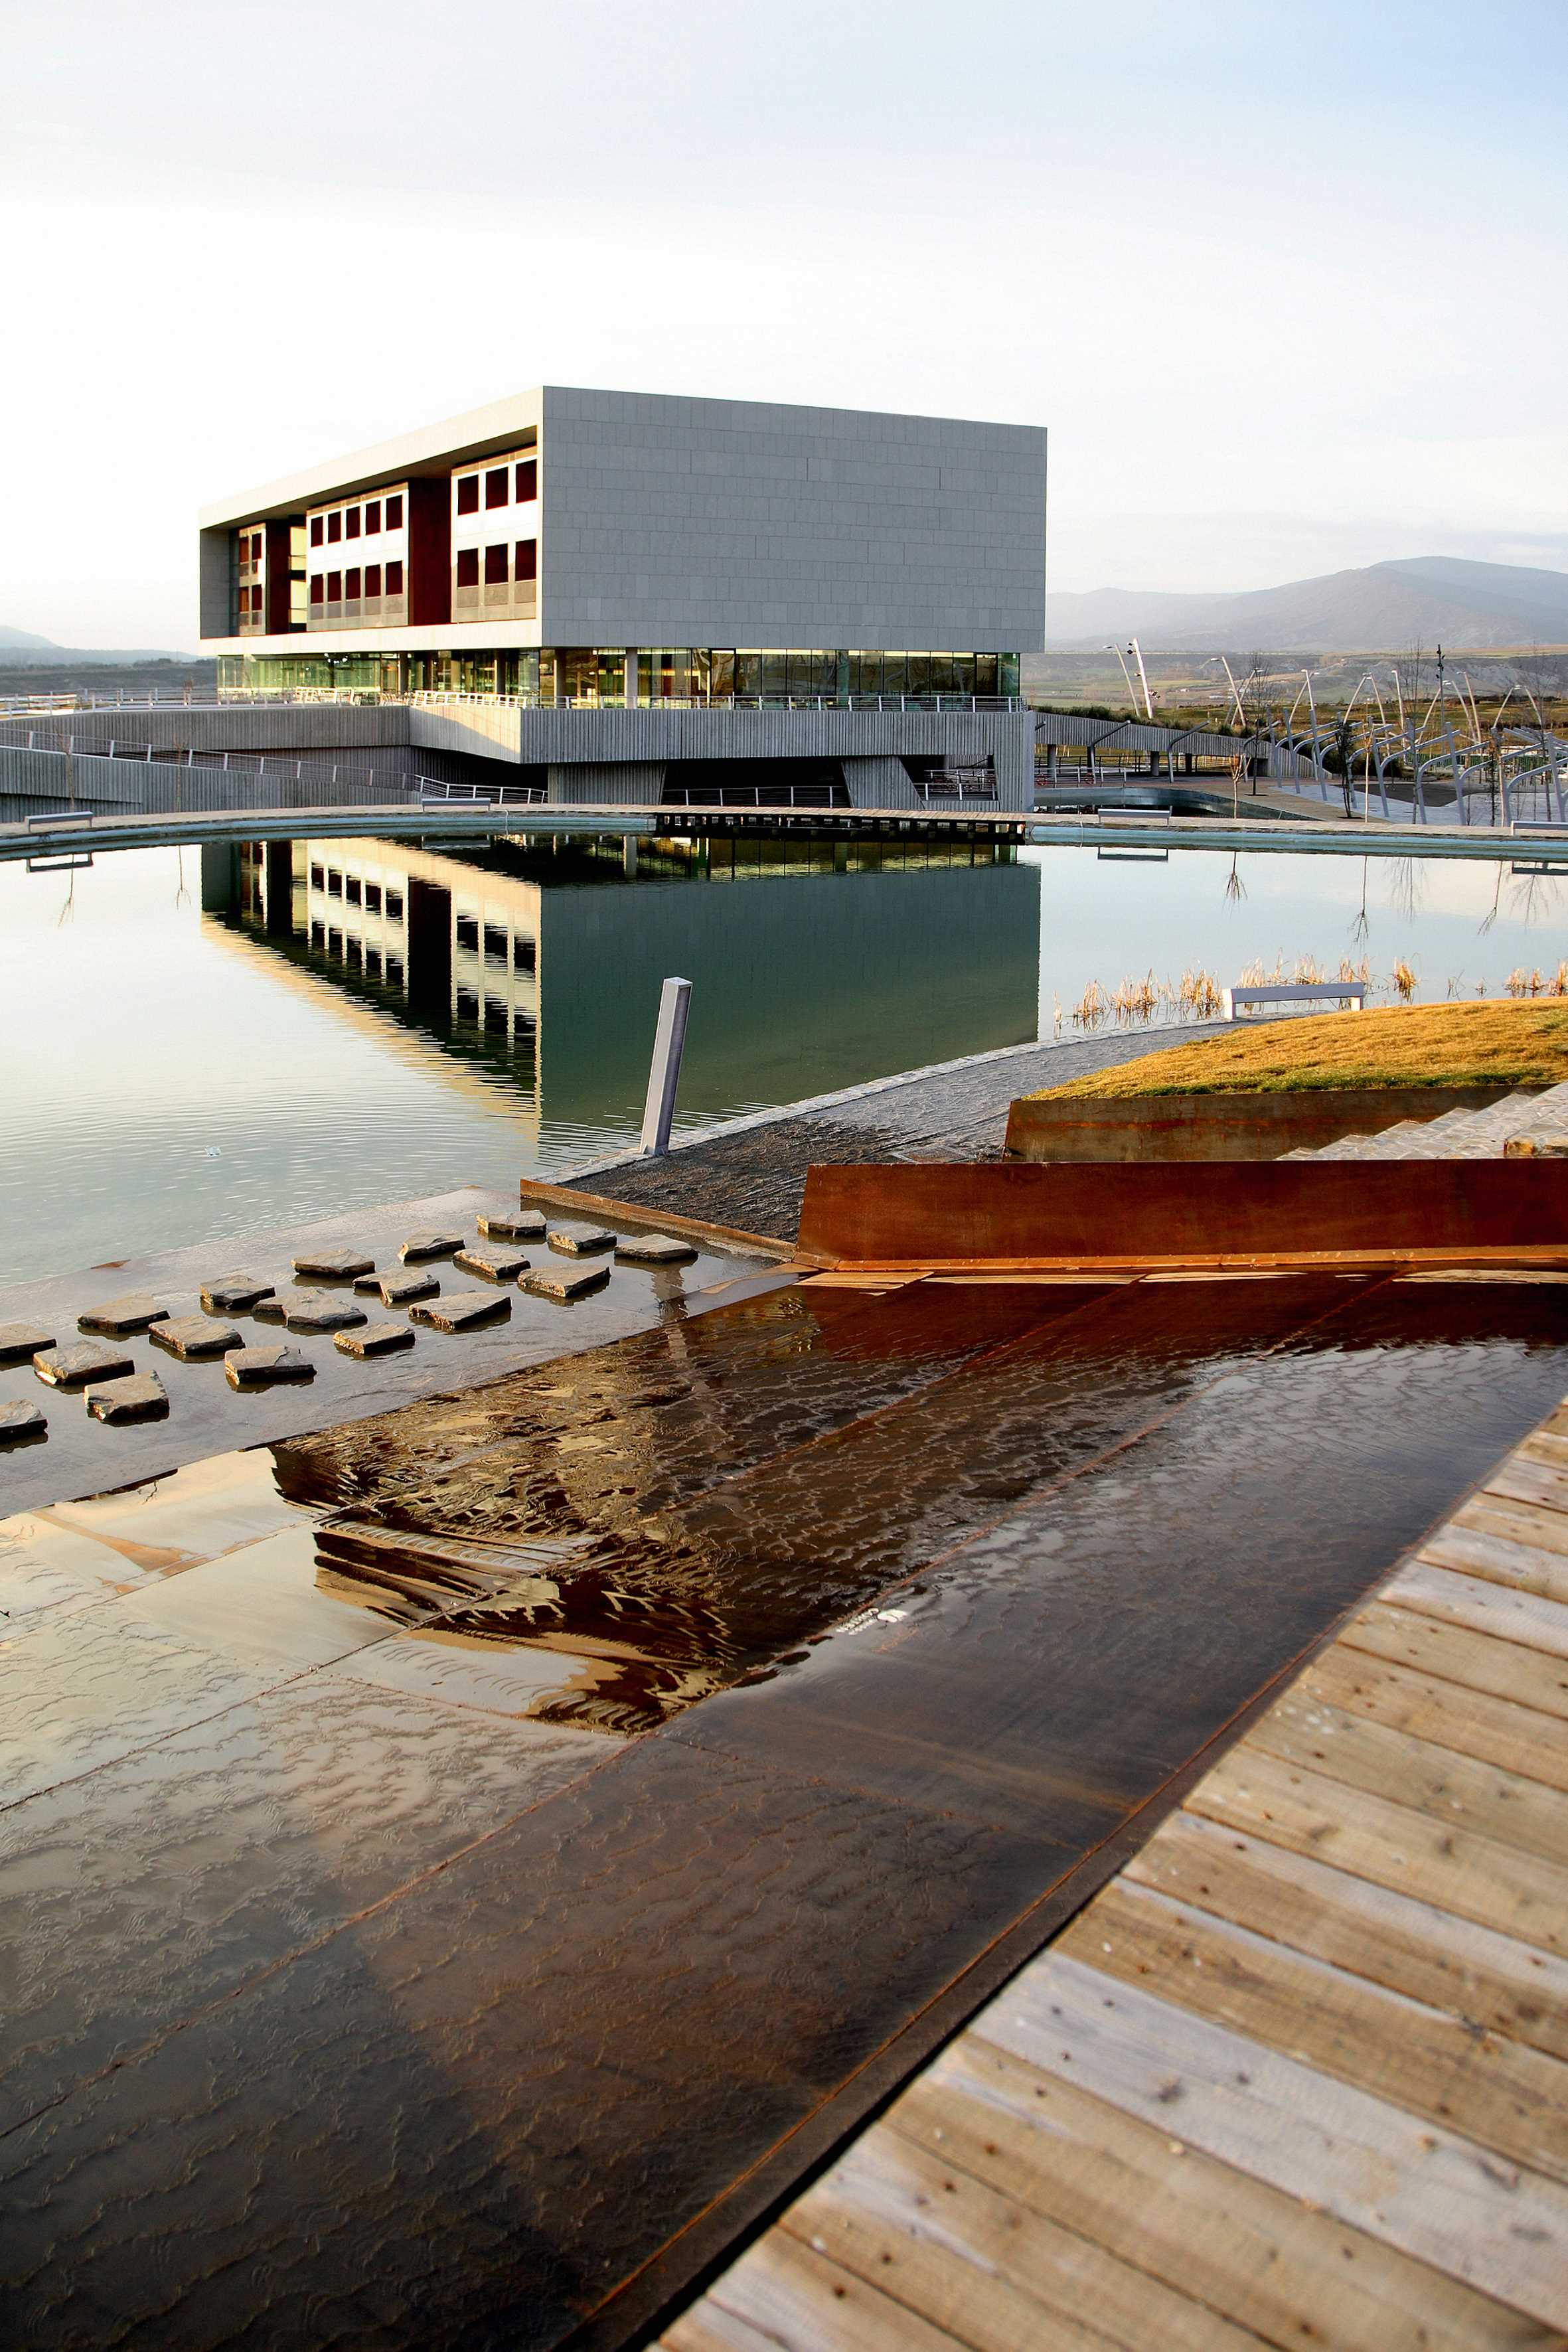 Hotel_Las Margas_Sabiñanigo_Paco Lacruz.jpg